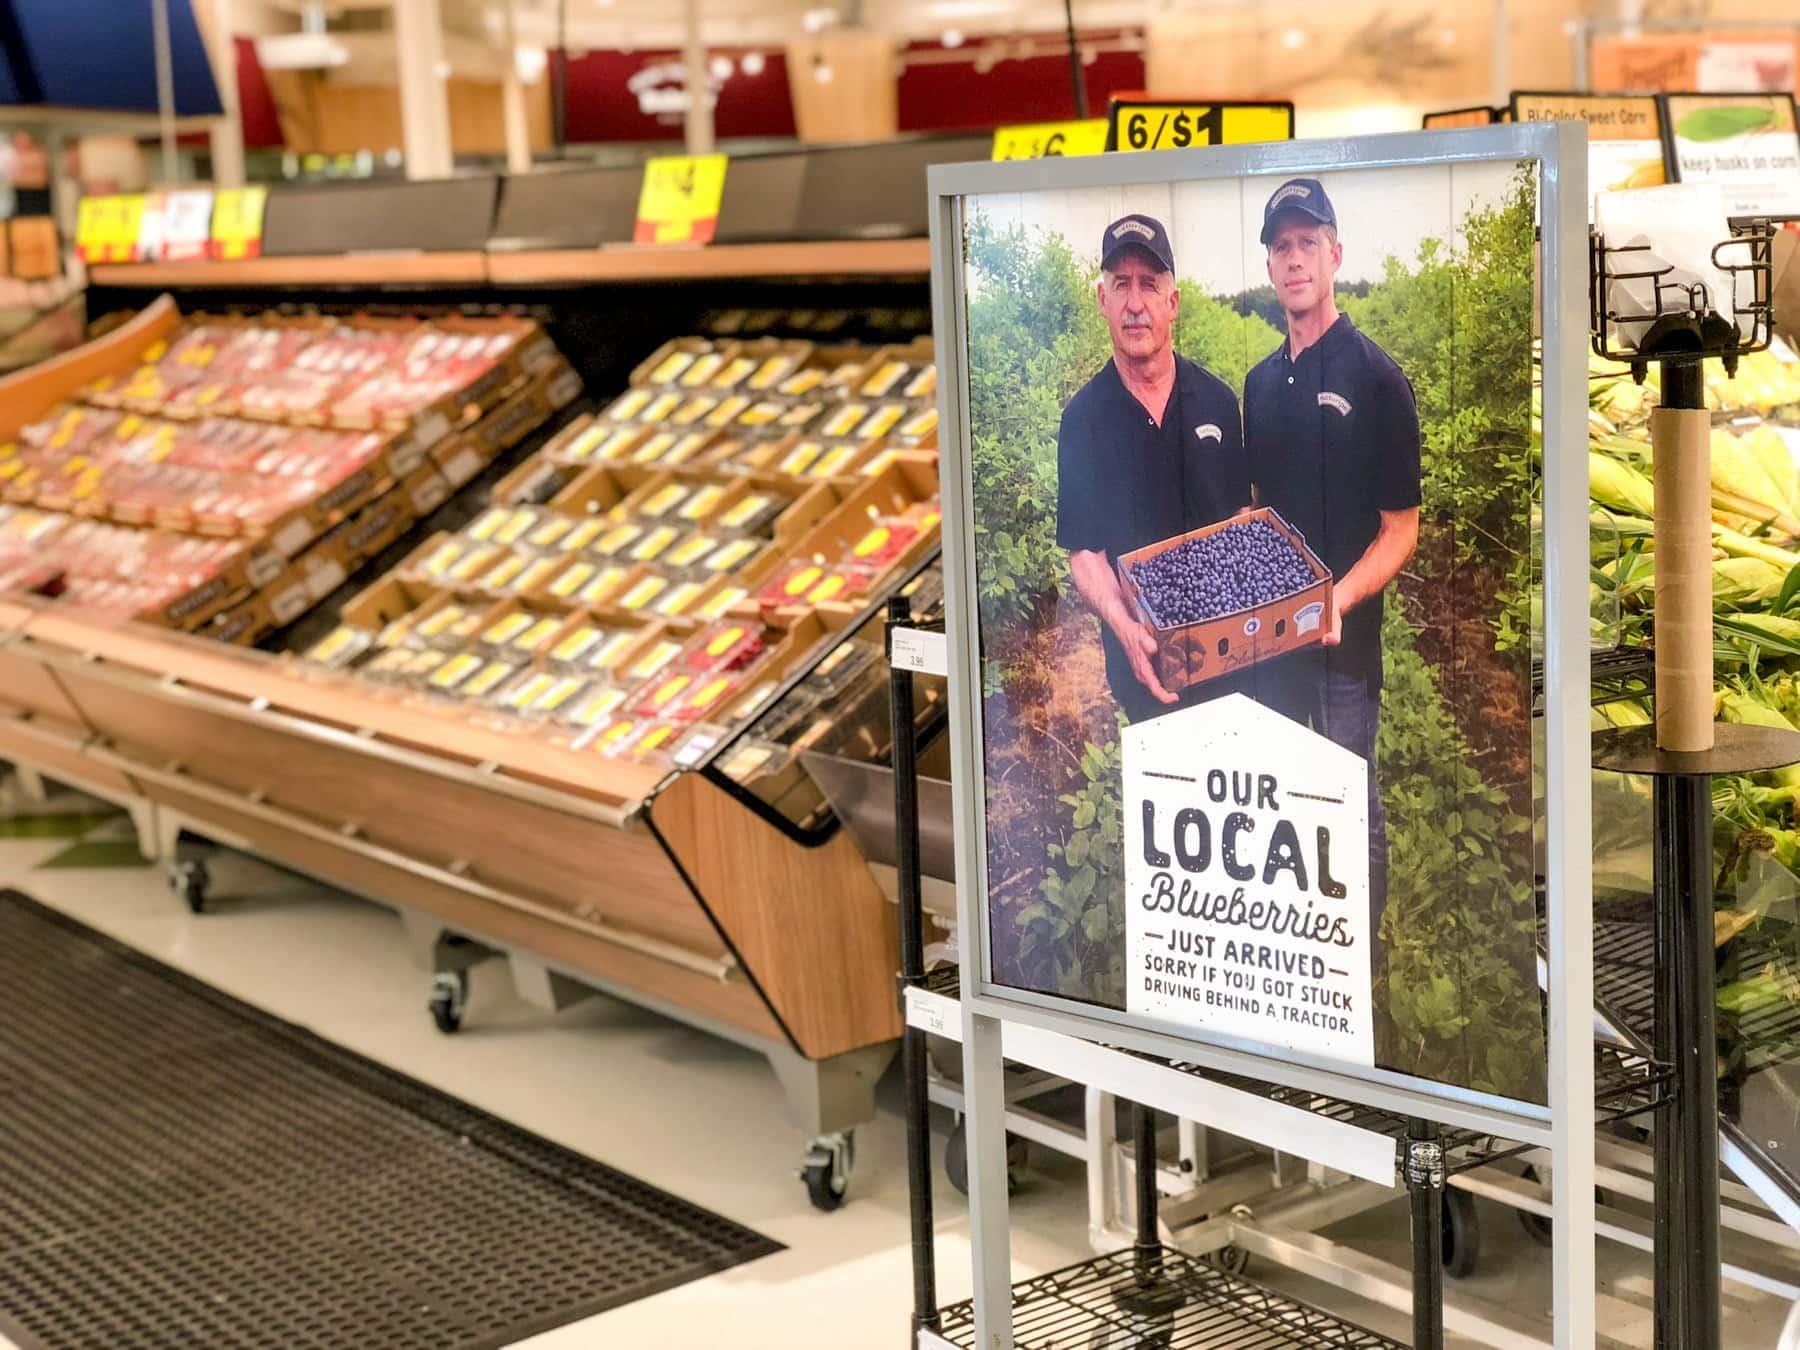 Grocery store display of berries